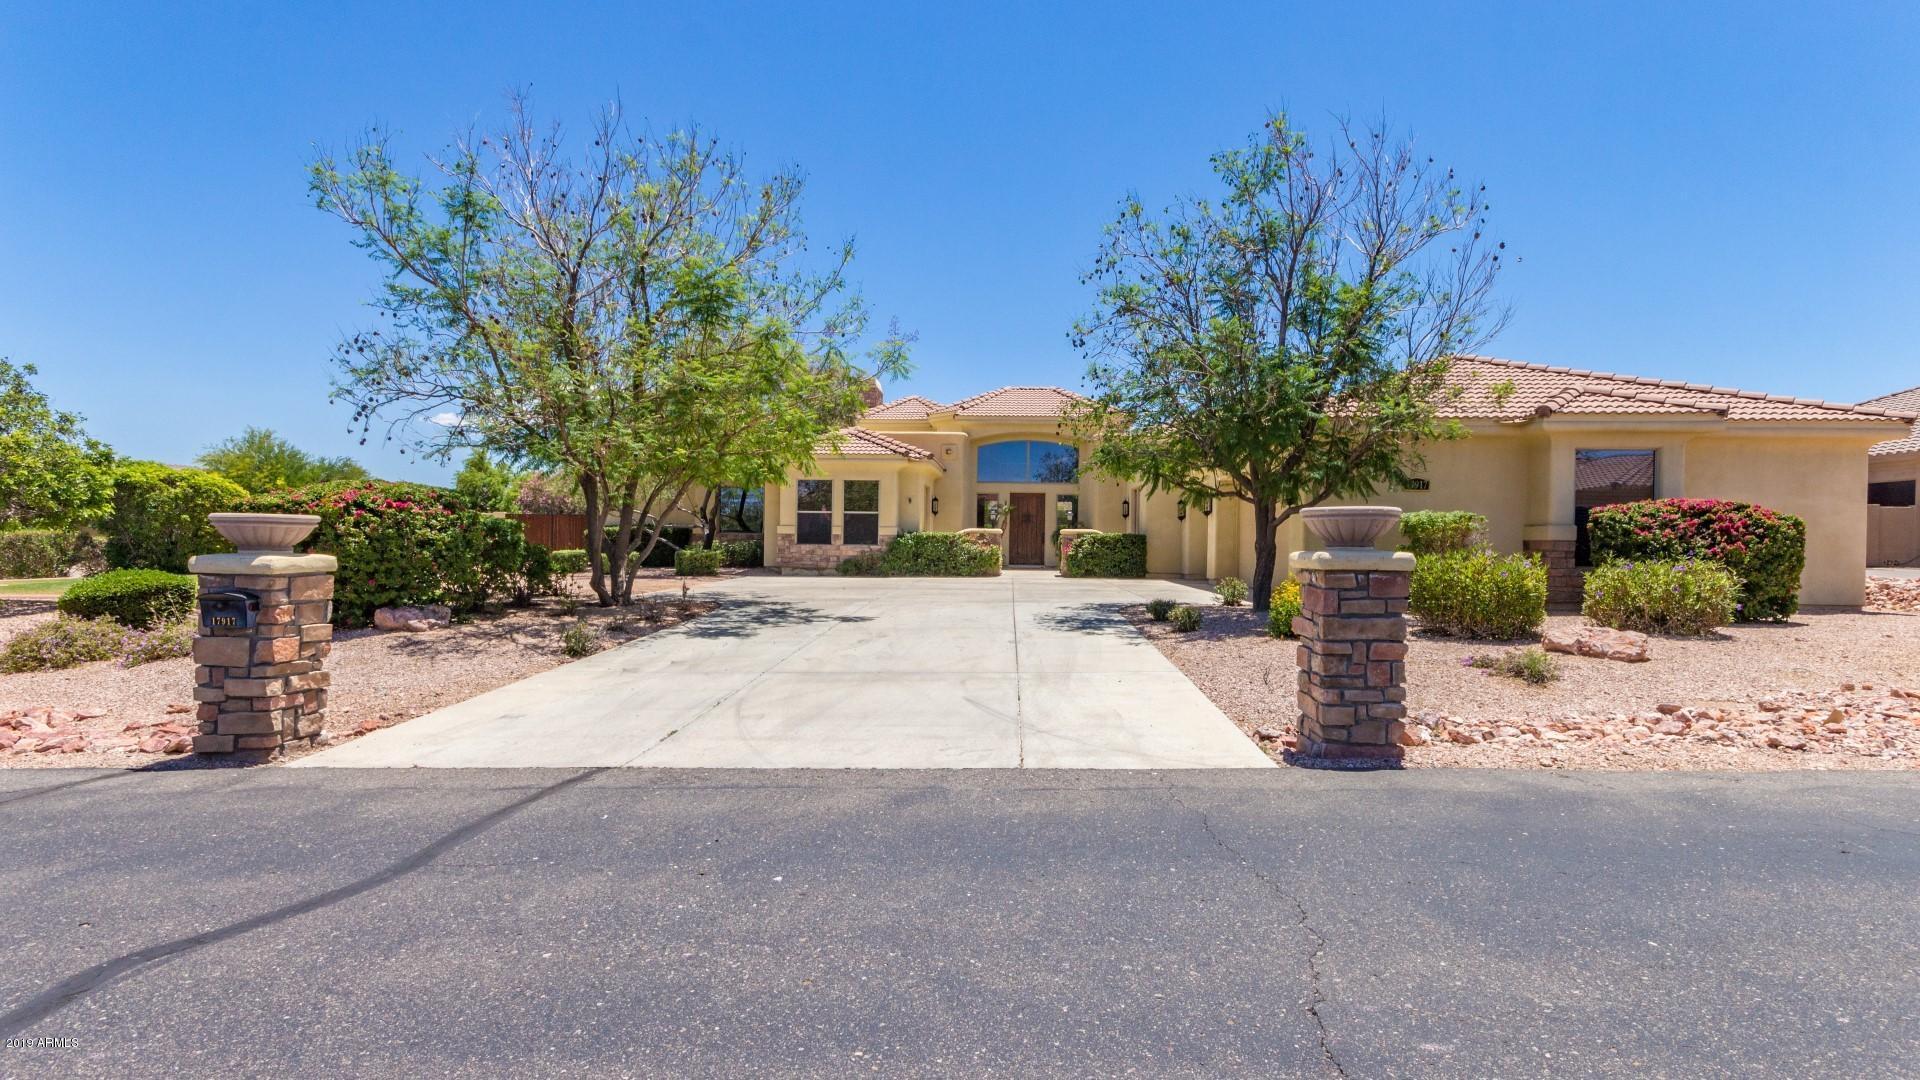 MLS 5933322 17917 W SAN MIGUEL Avenue, Litchfield Park, AZ 85340 Litchfield Park Homes for Rent